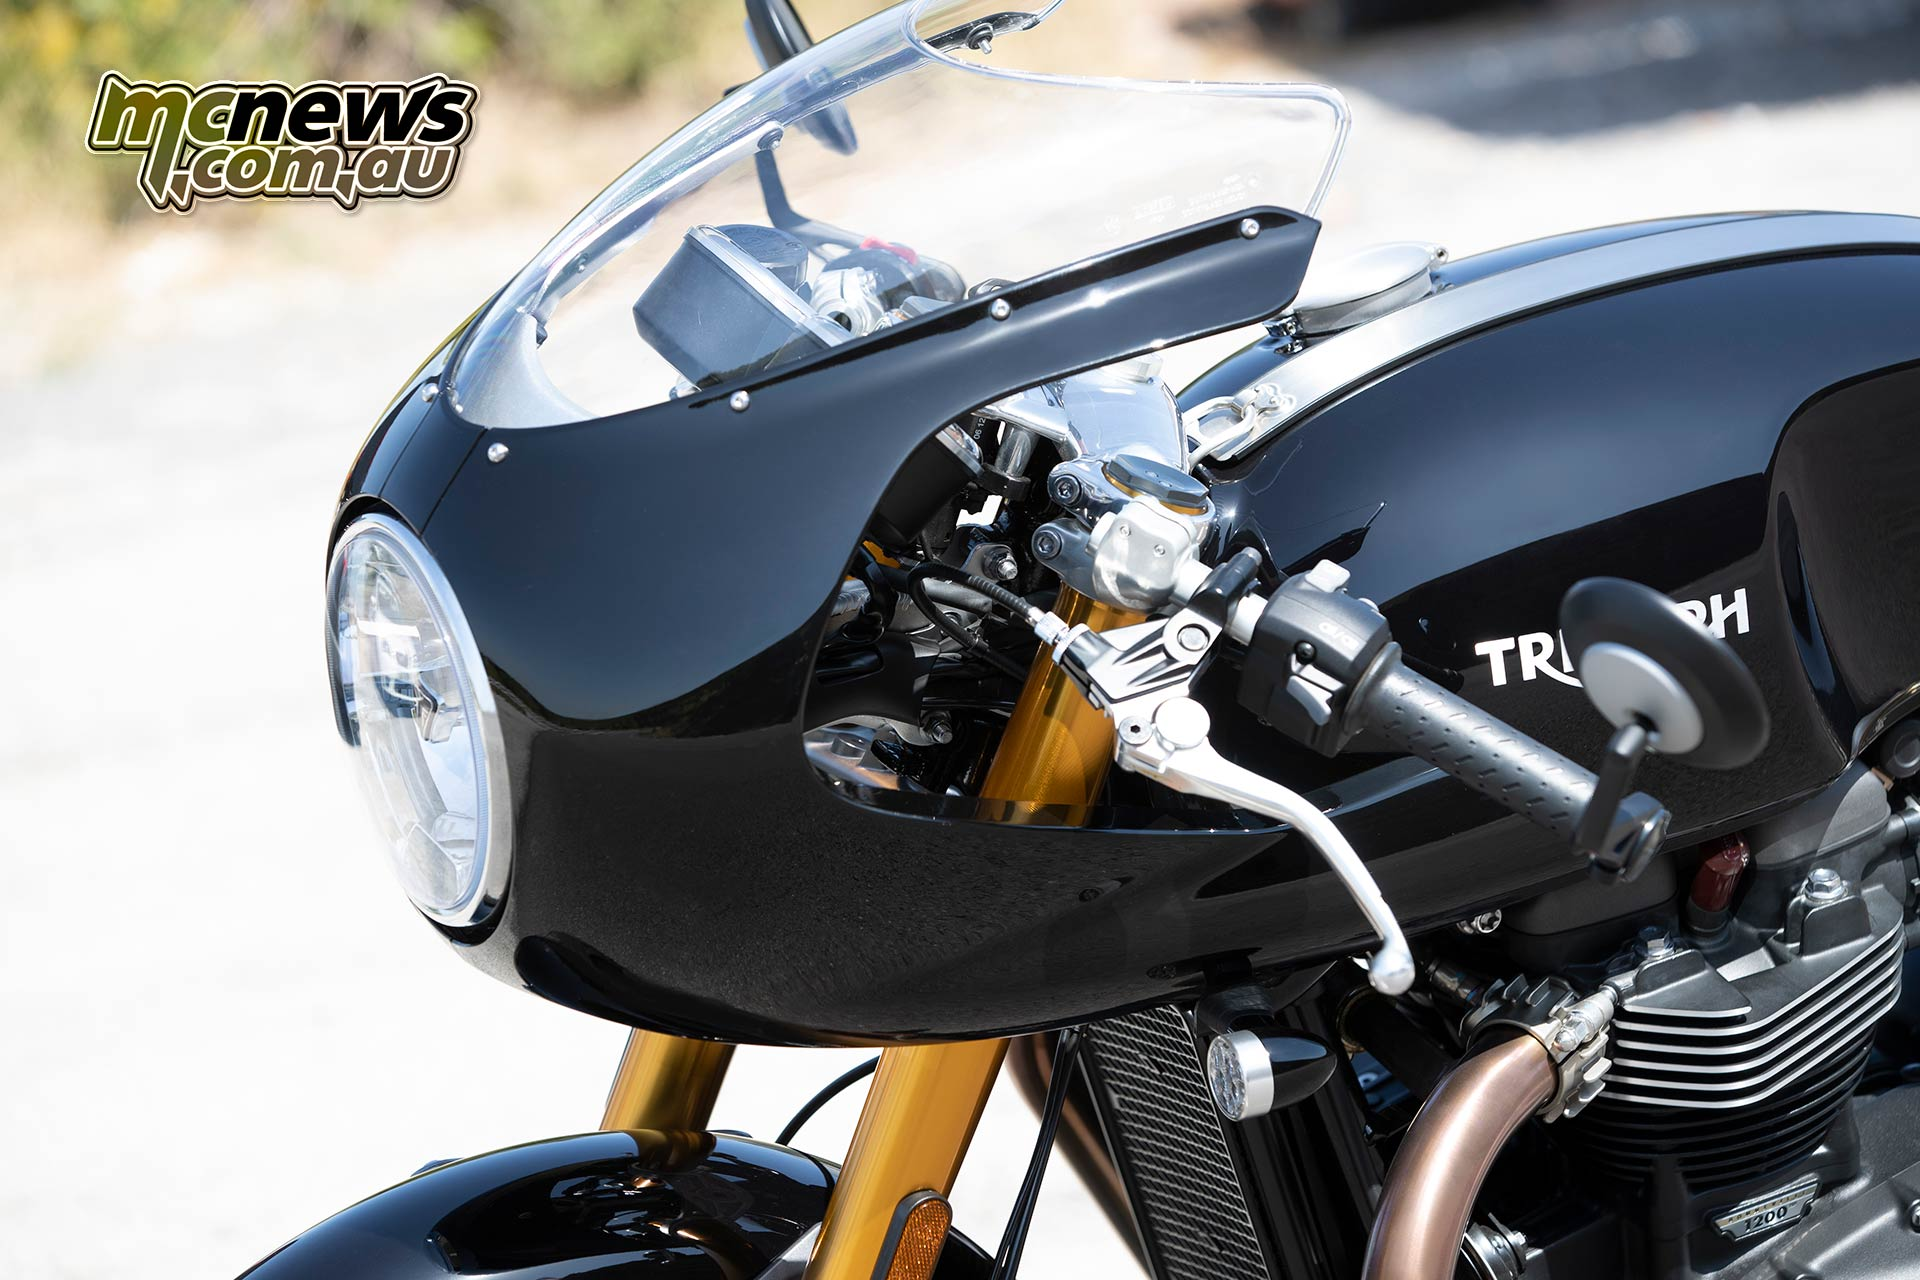 Triumph Thruxton RS Accessories Dolphin Fairing